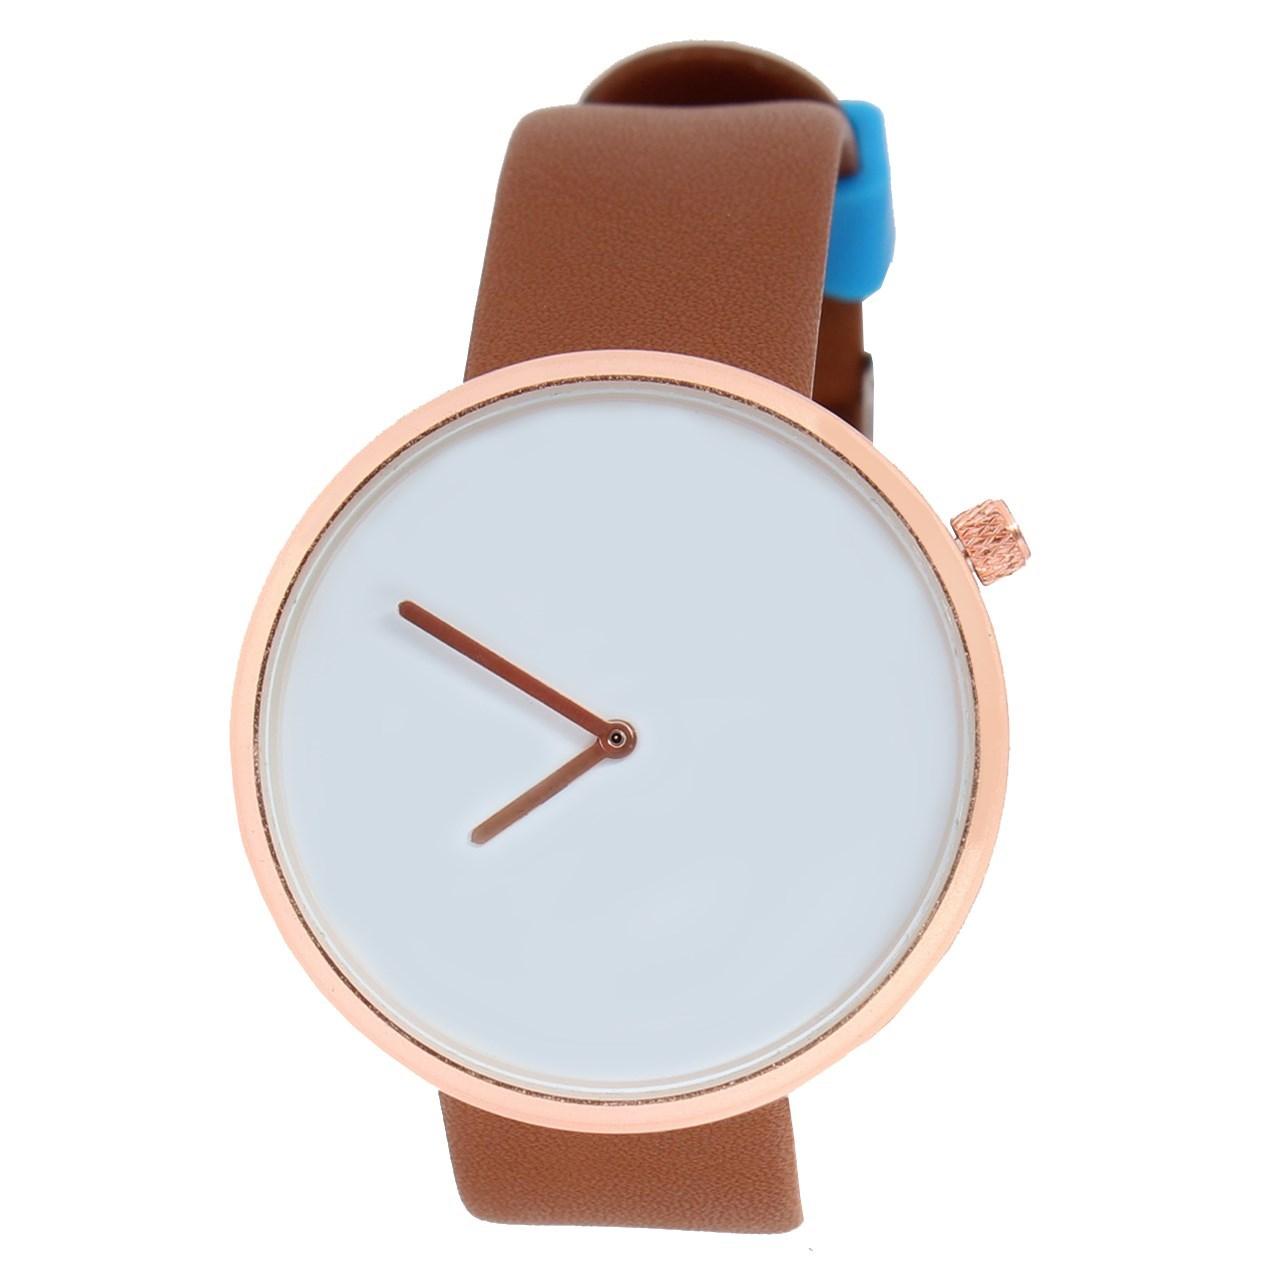 خرید ساعت مچی عقربه ای مردانه و زنانه مدل MW 13